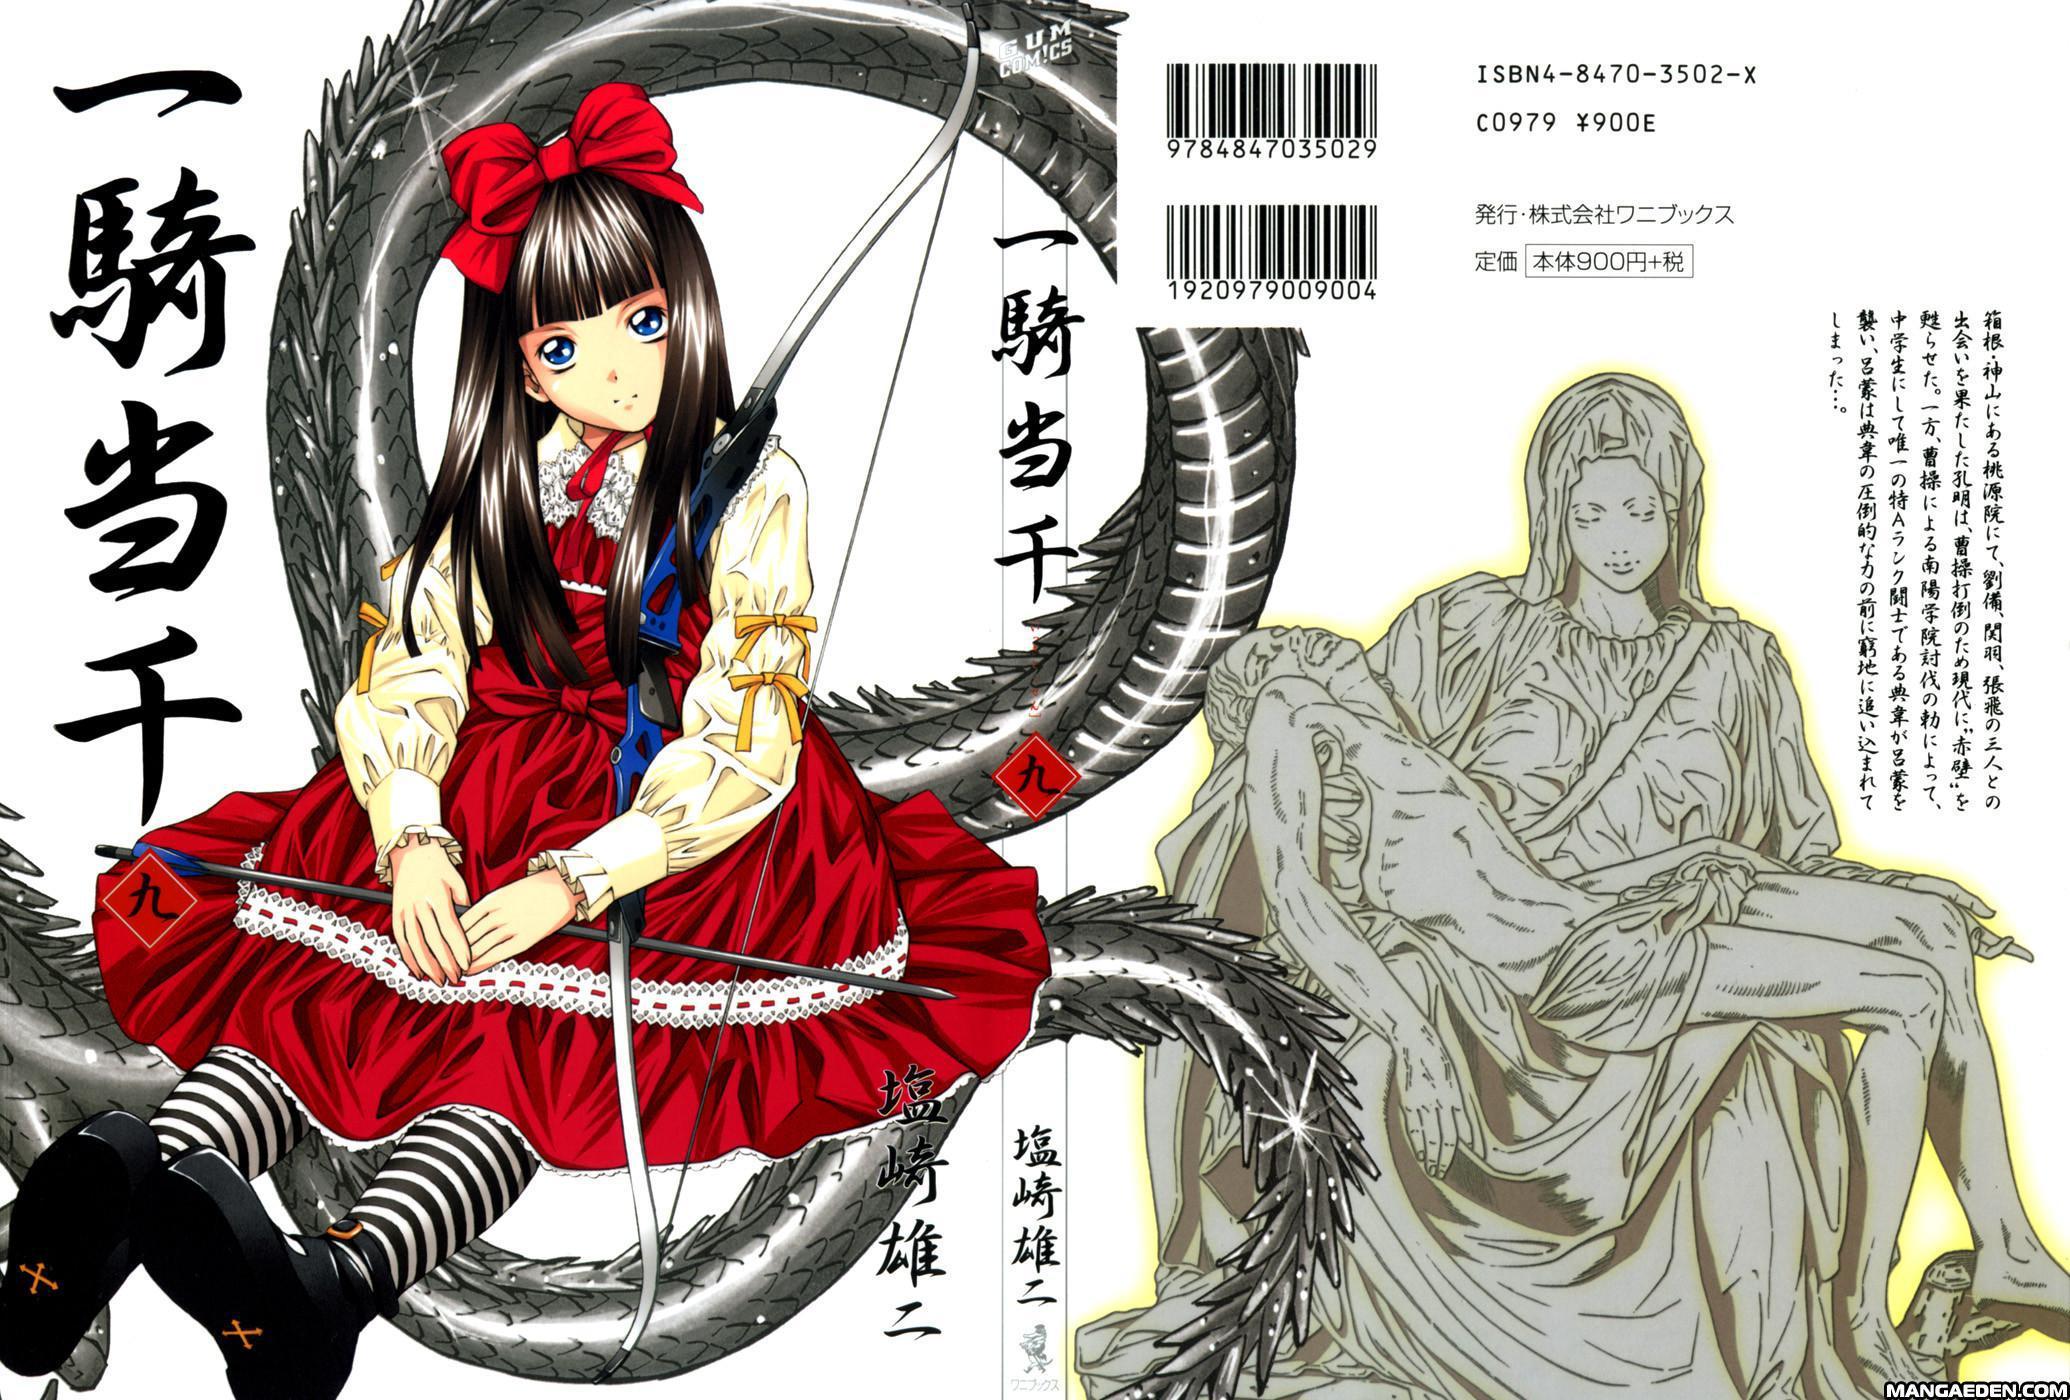 Ikkitousen ikki tousen-battle vixens                    59 page 1 at www.Mangago.me